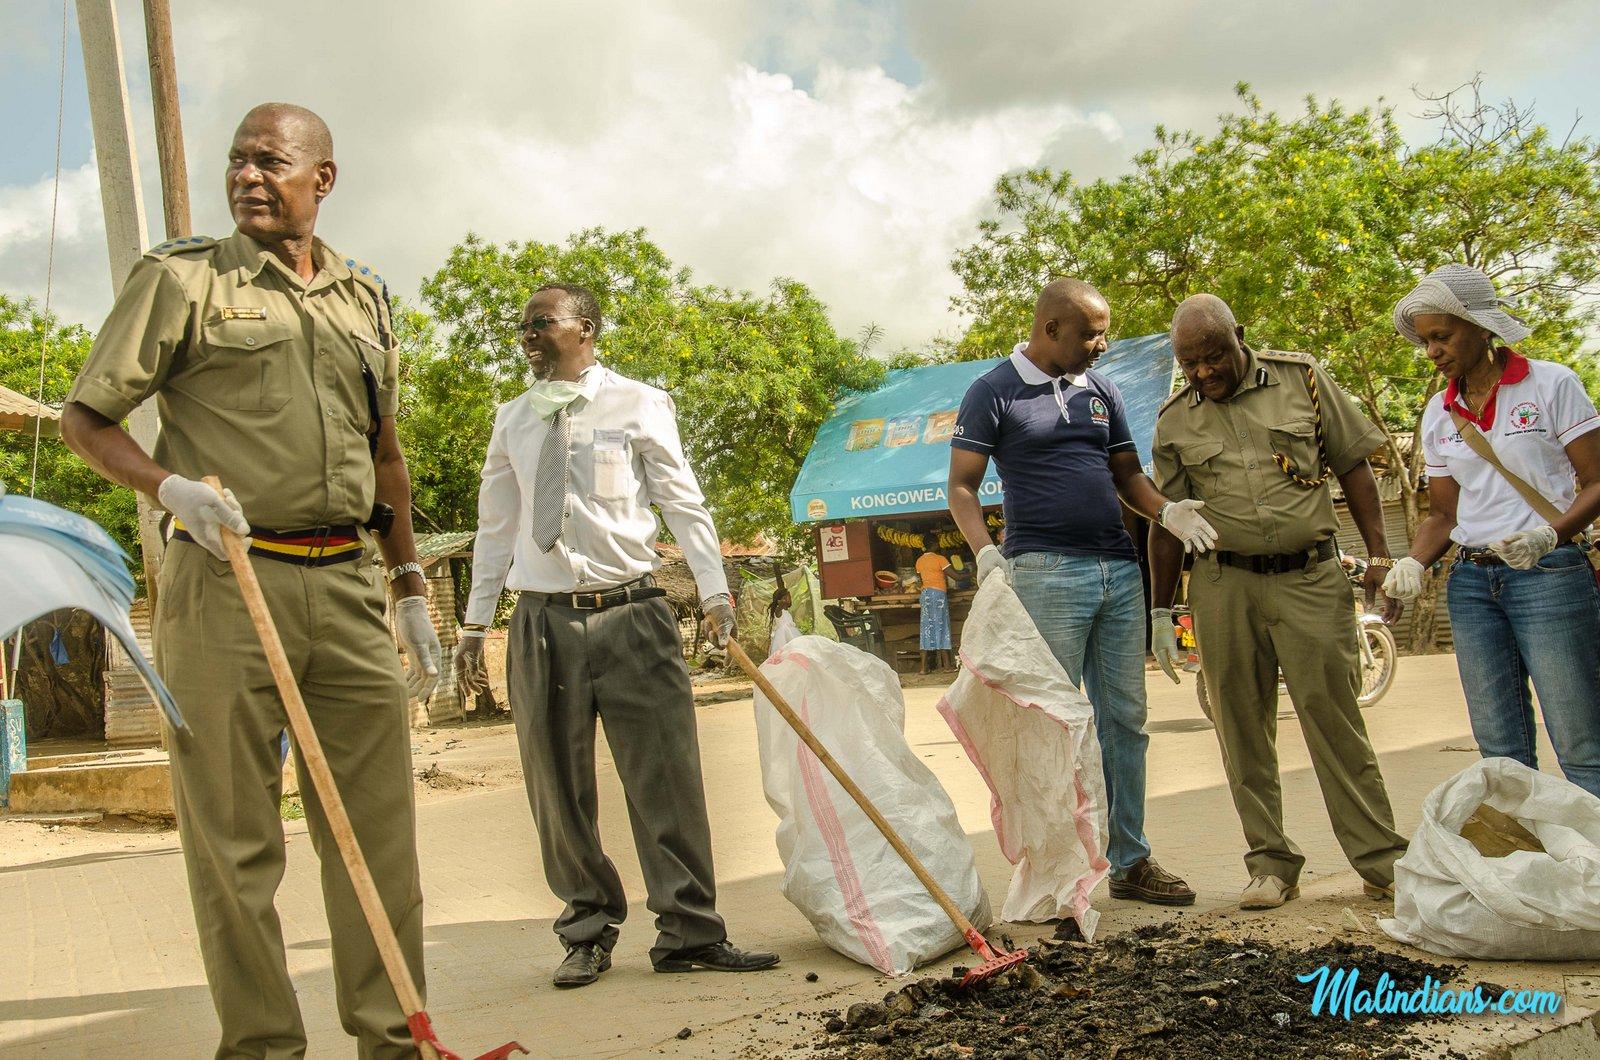 Malindi Town Clean up Kisumu Ndogo 102 - Malindi Town Clean-up in Kisumu Ndogo ( Pictorial)